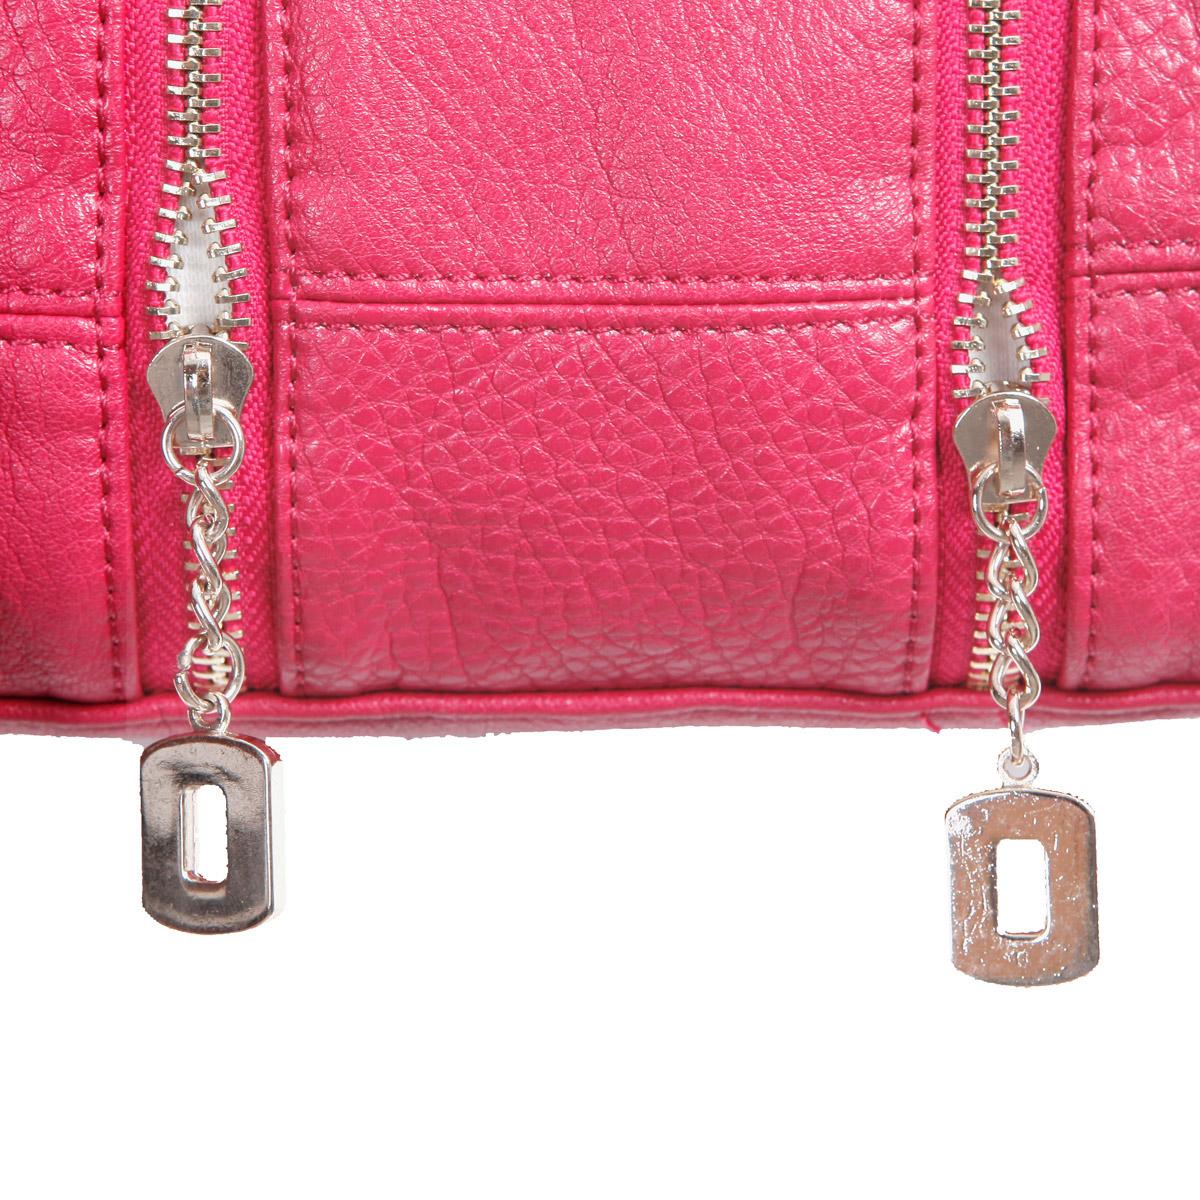 Сумка OSA sb10414. O.SA2011 SB10414 Девушки Сумка через плечо Однотонный цвет Другие материалы